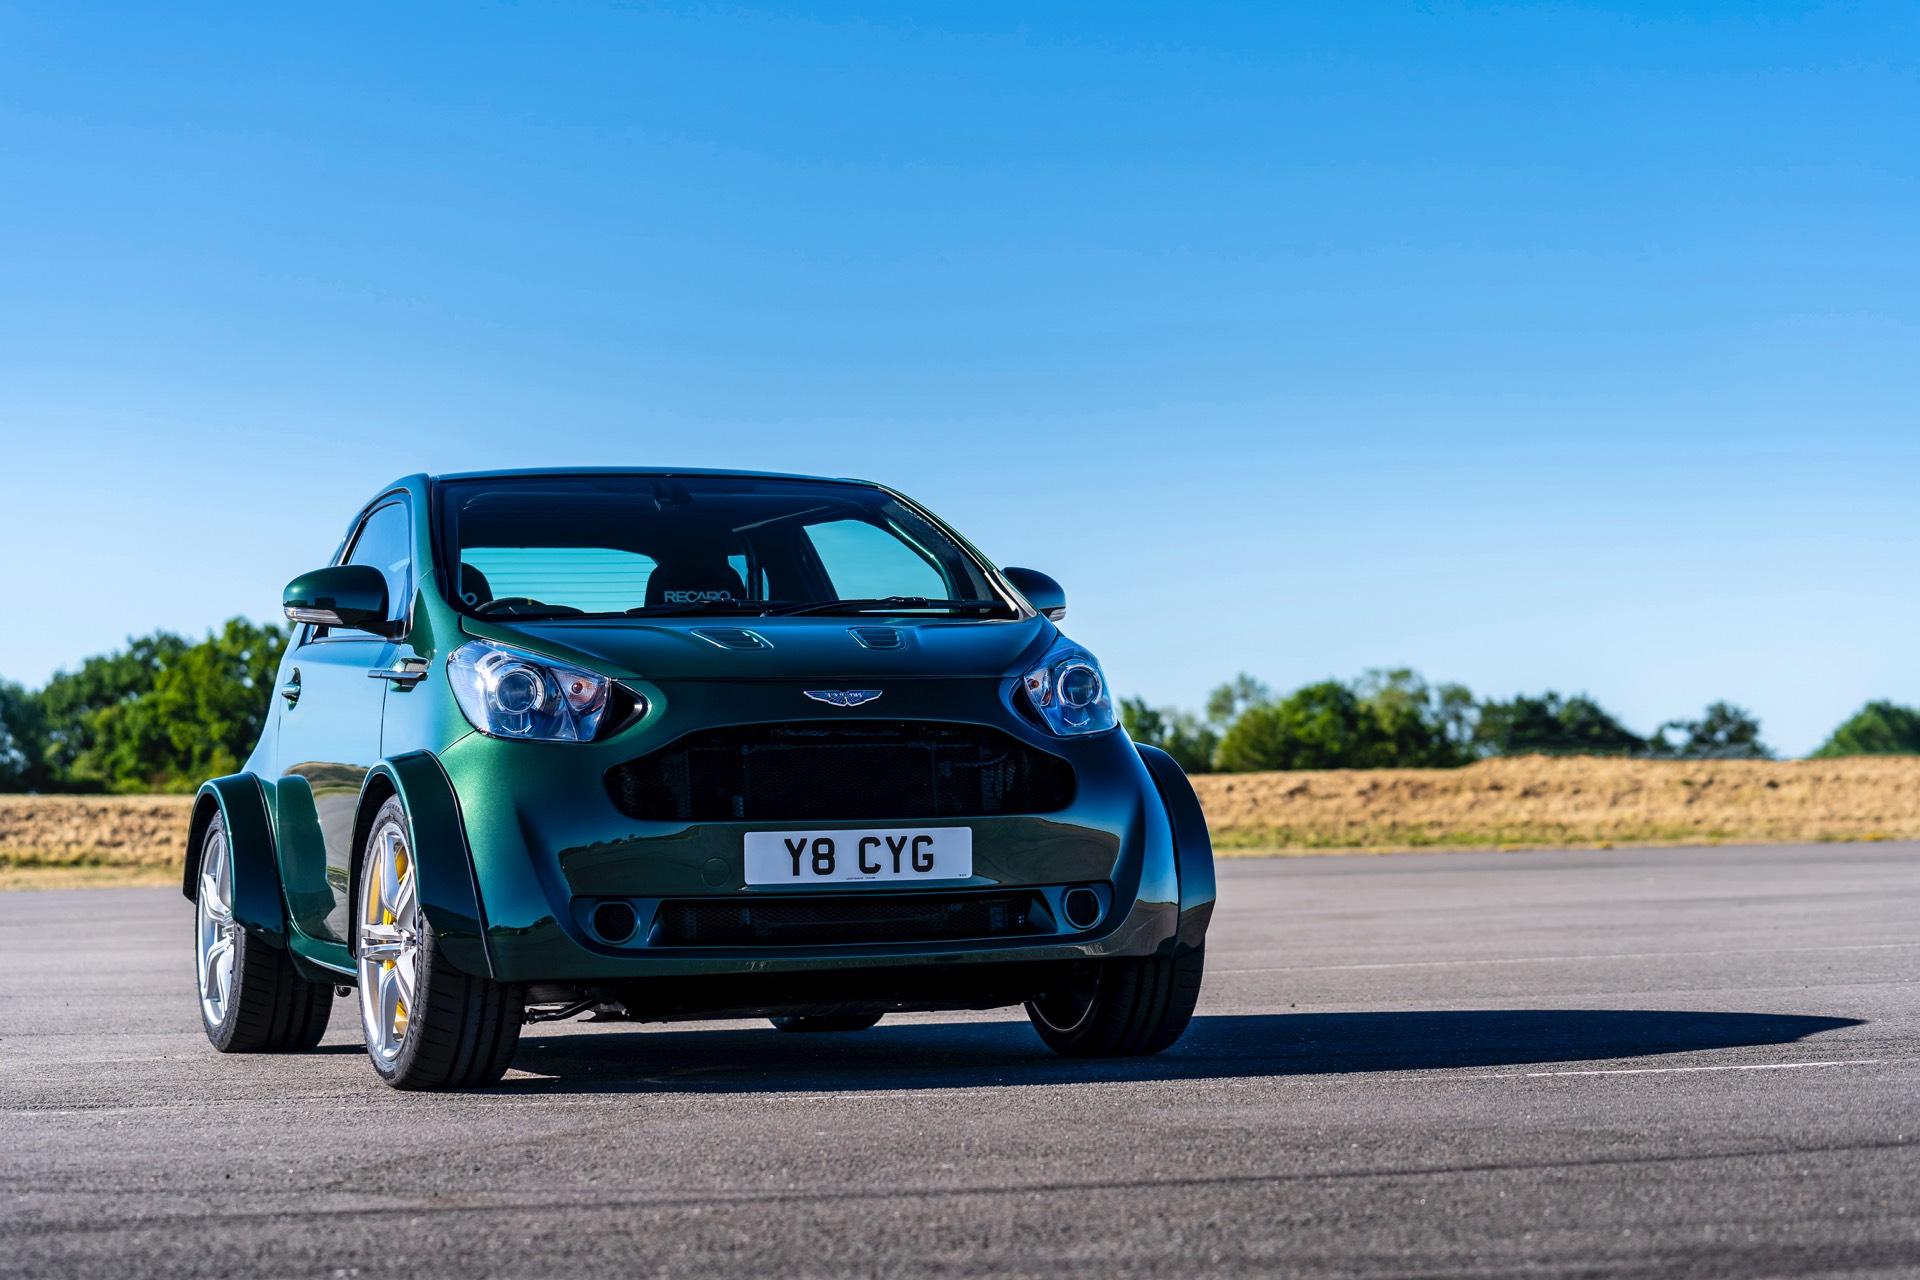 Toyota iQ когда-то был ответом Aston Martin на проблему с выбросами. Тем не менее, у него были низкие продажи, что мешало развитию второго поколения. Один из клиентов Aston Martin в полной мере воспользовался услугой «Q by Aston Martin - Commission»,